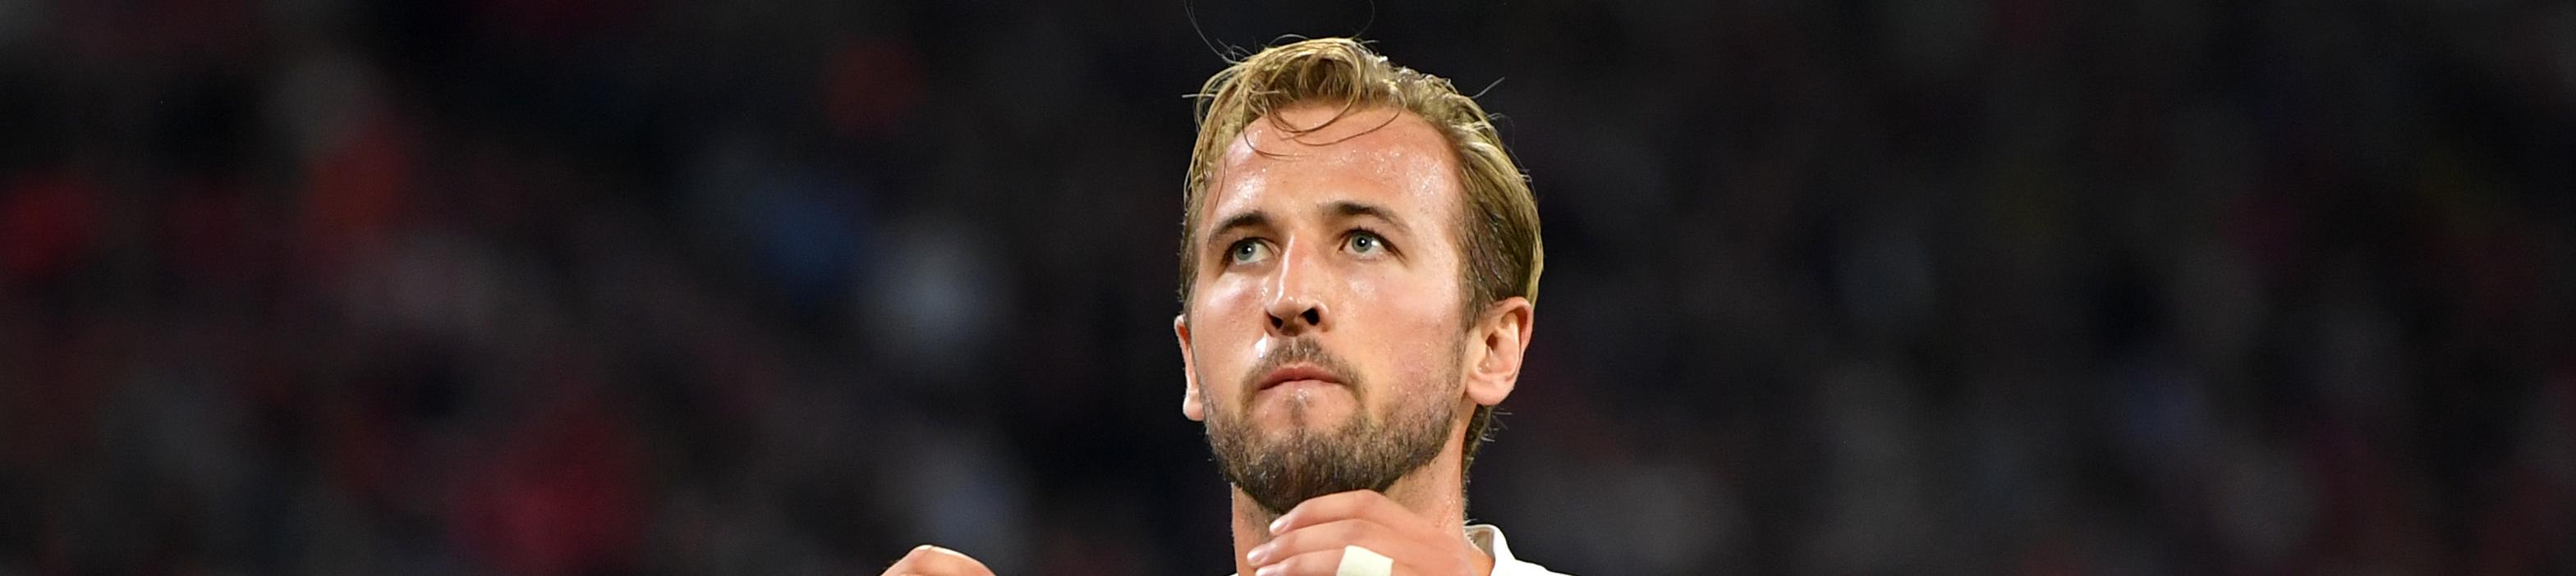 Tottenham-Watford, gli Spurs contro l'ultima della classe per riprendere la corsa